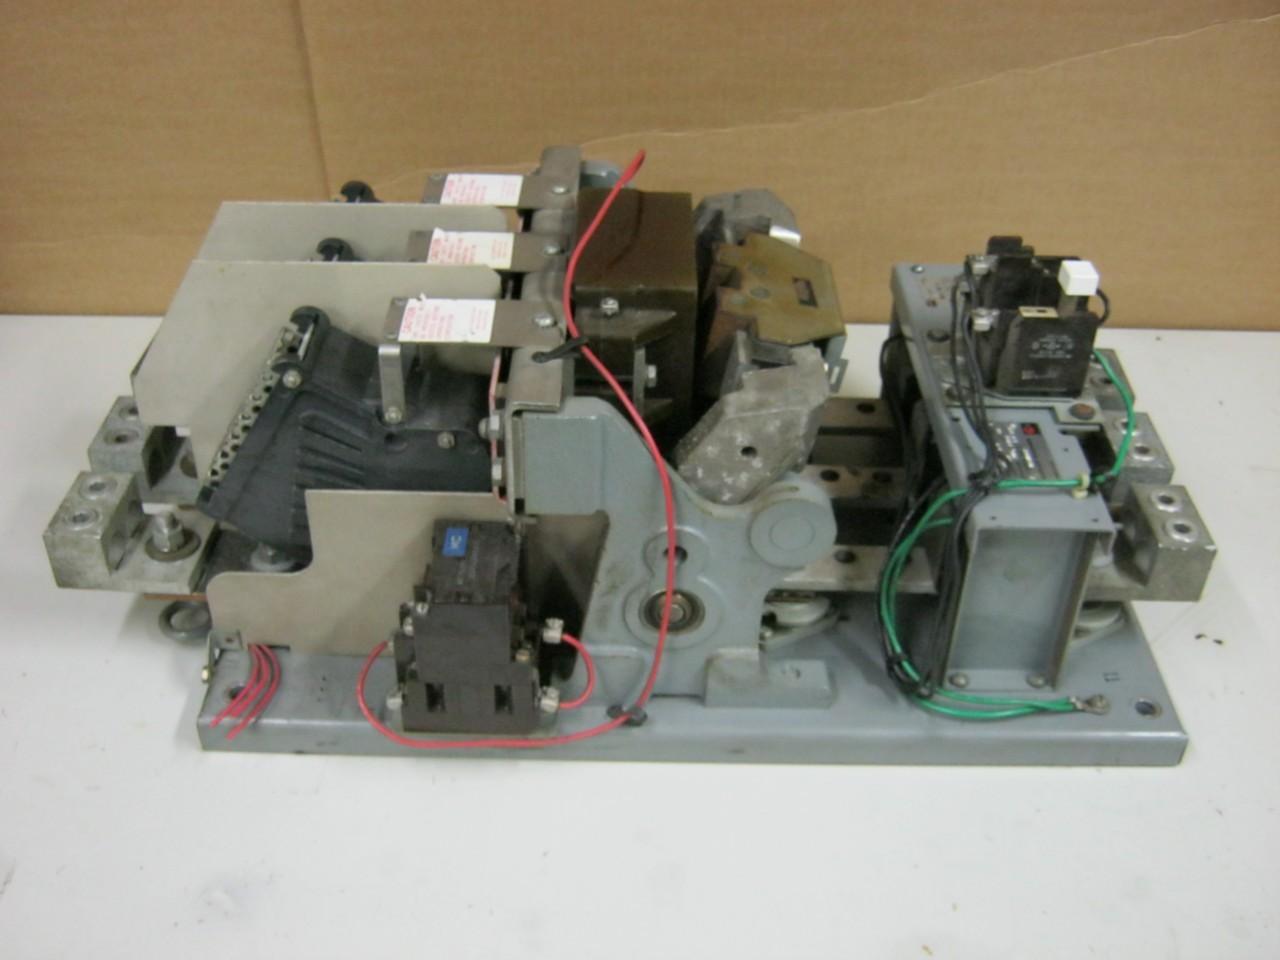 Cutler hammer nema size 6 motor starter 600 v 3 phase 480 for 3 phase motor starter